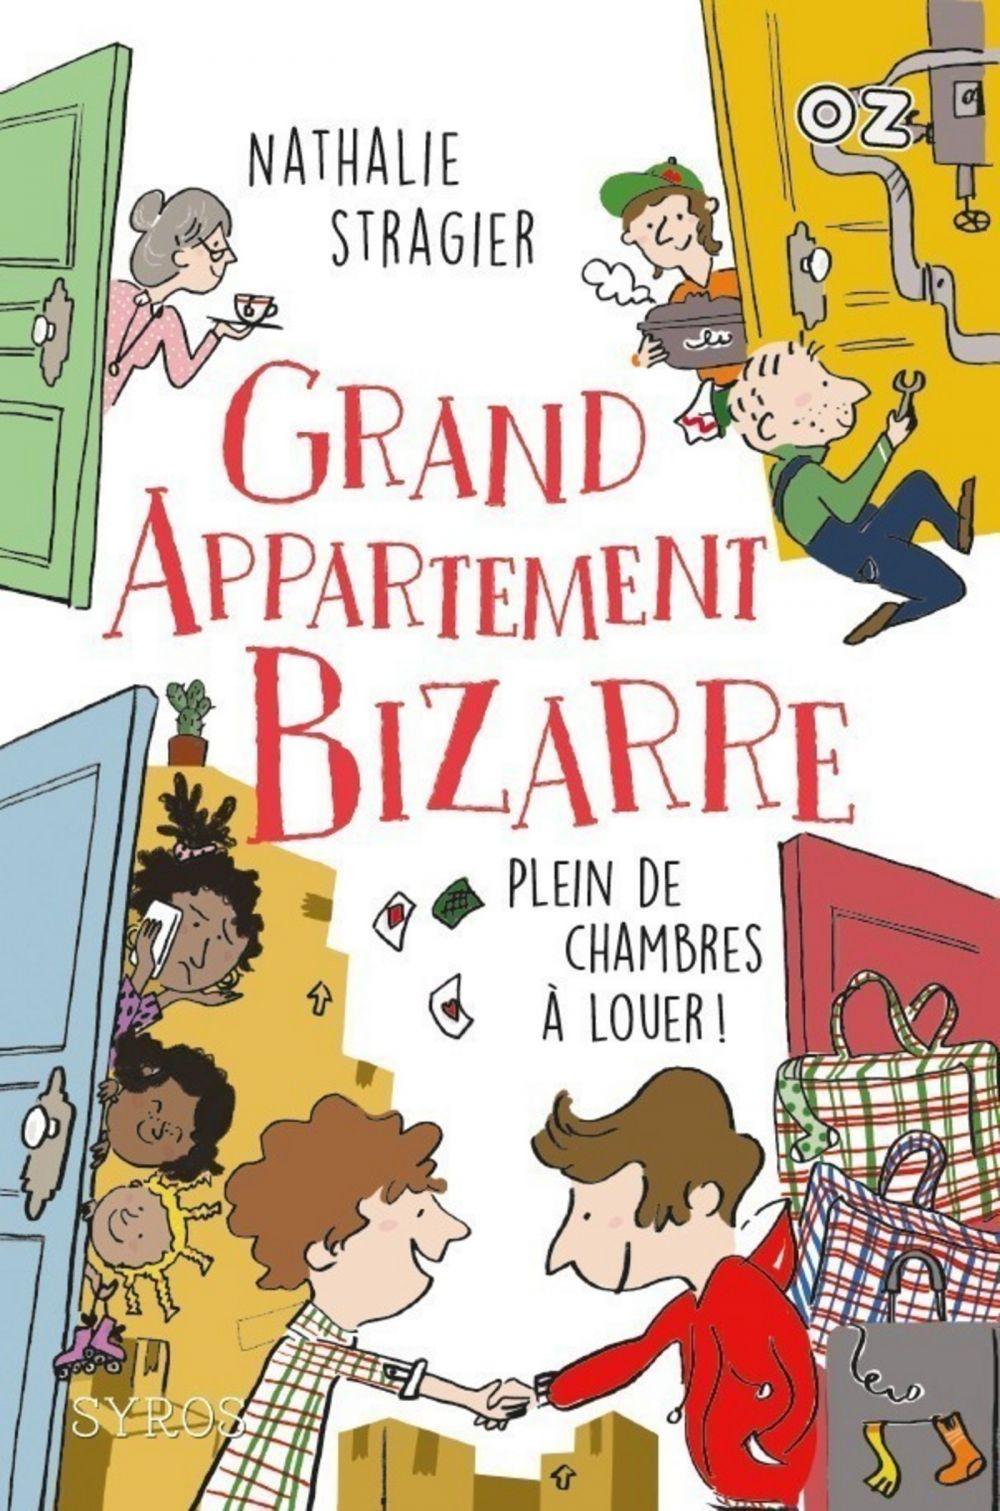 Grand Appartement Bizarre - Tome 1 : Plein de chambres à louer ! - collection OZ | Stragier, Nathalie